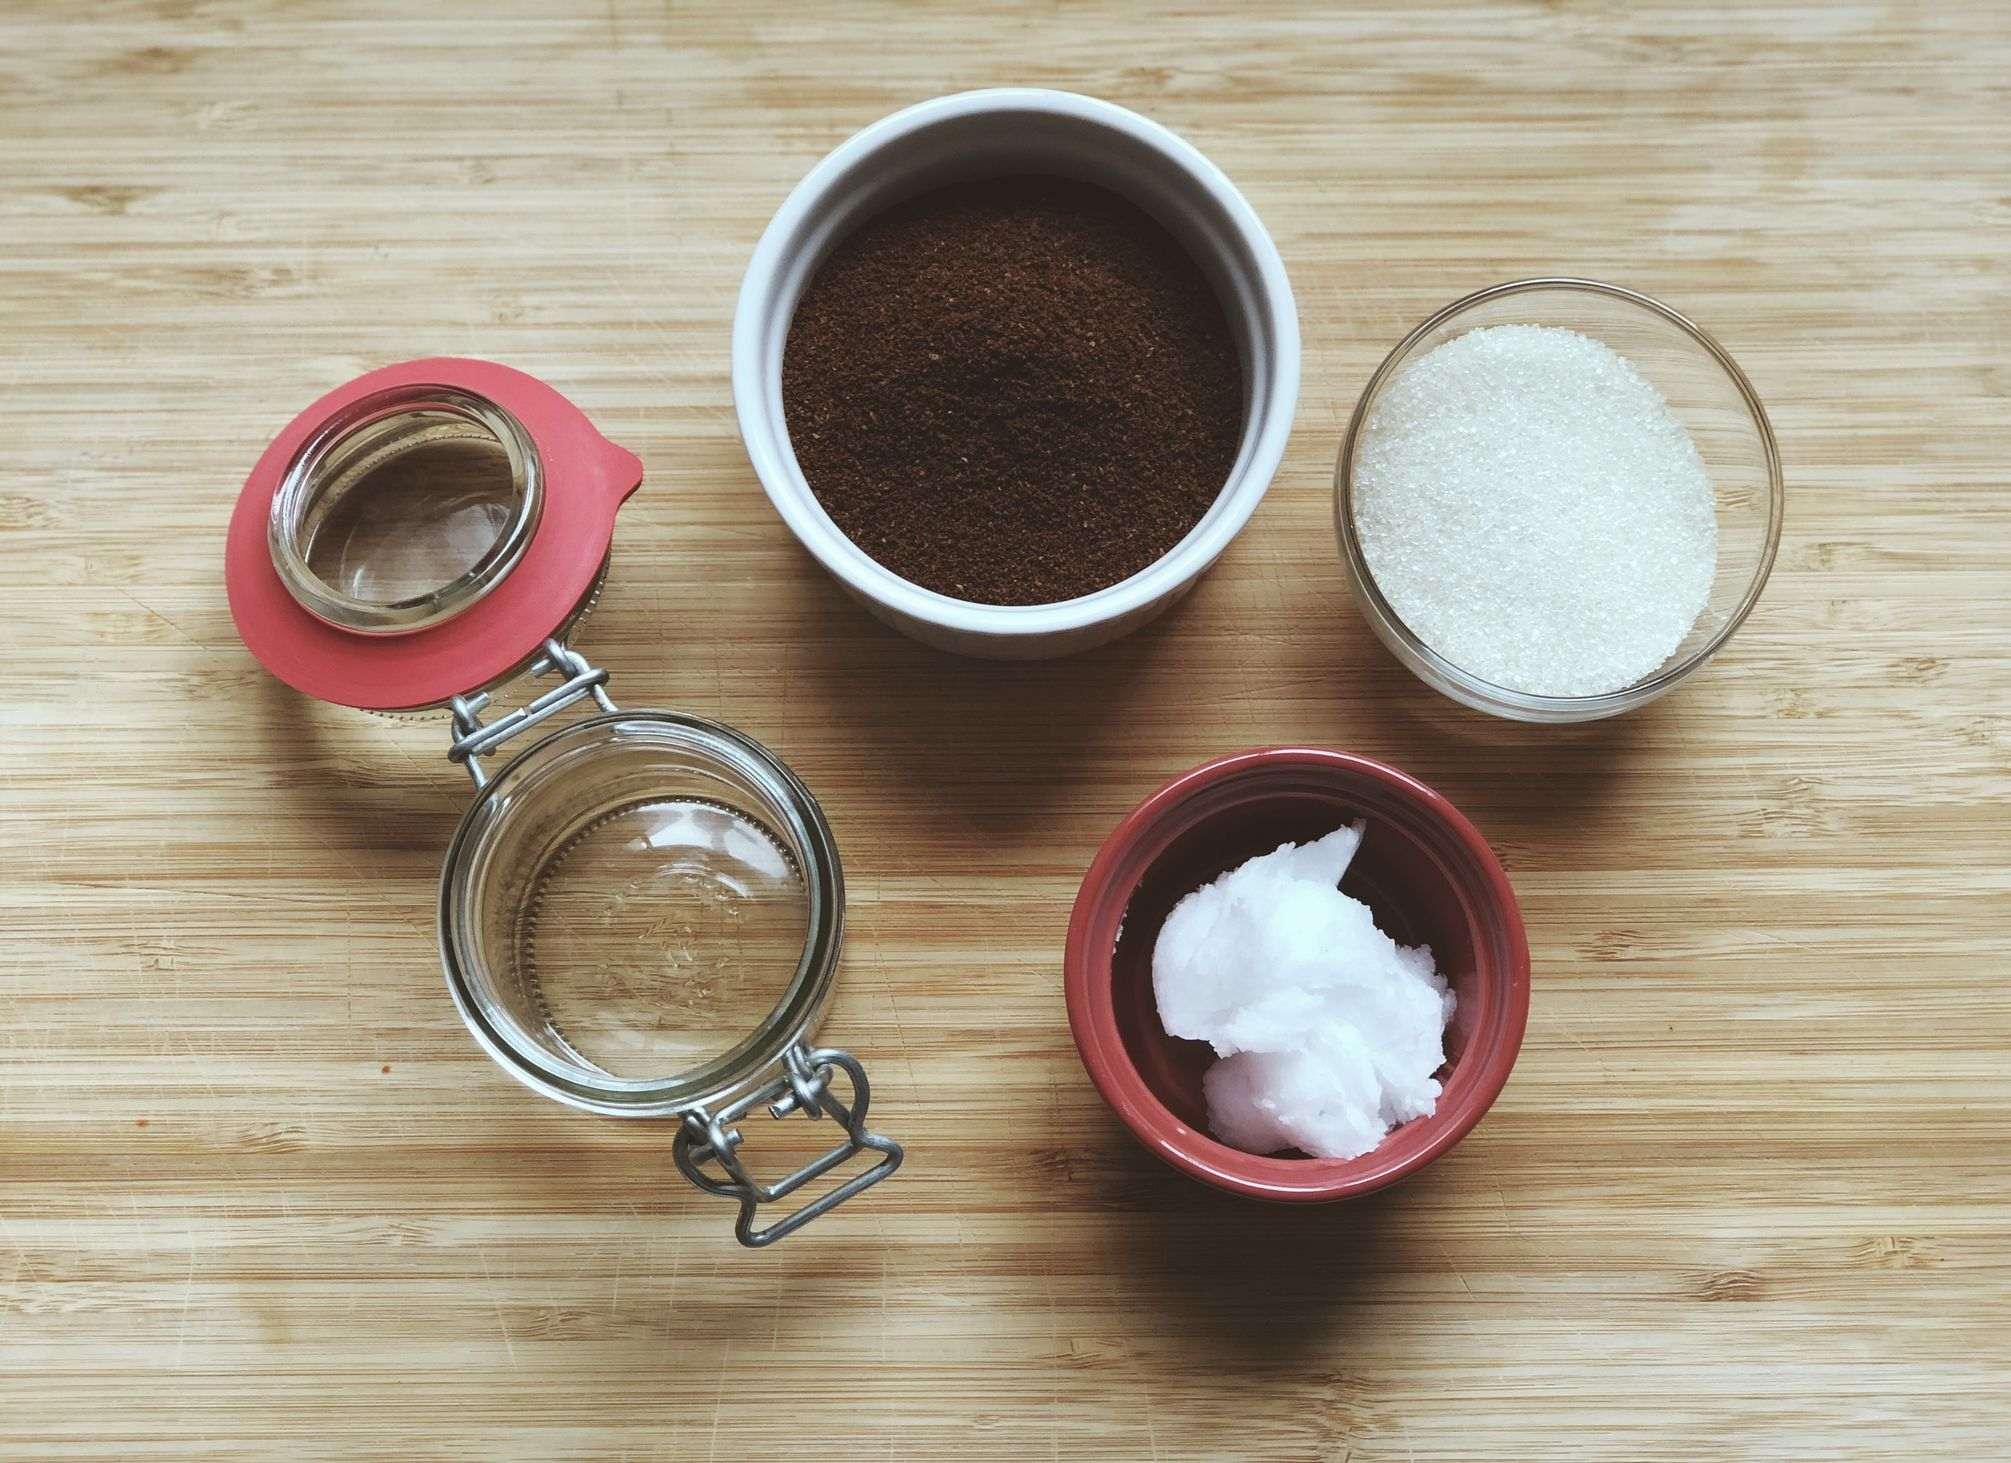 DIY-Kaffee-Peeling-Maske-Zutaten-Nachhaltigkeit-Beauty-Oh-Yes-Yoga